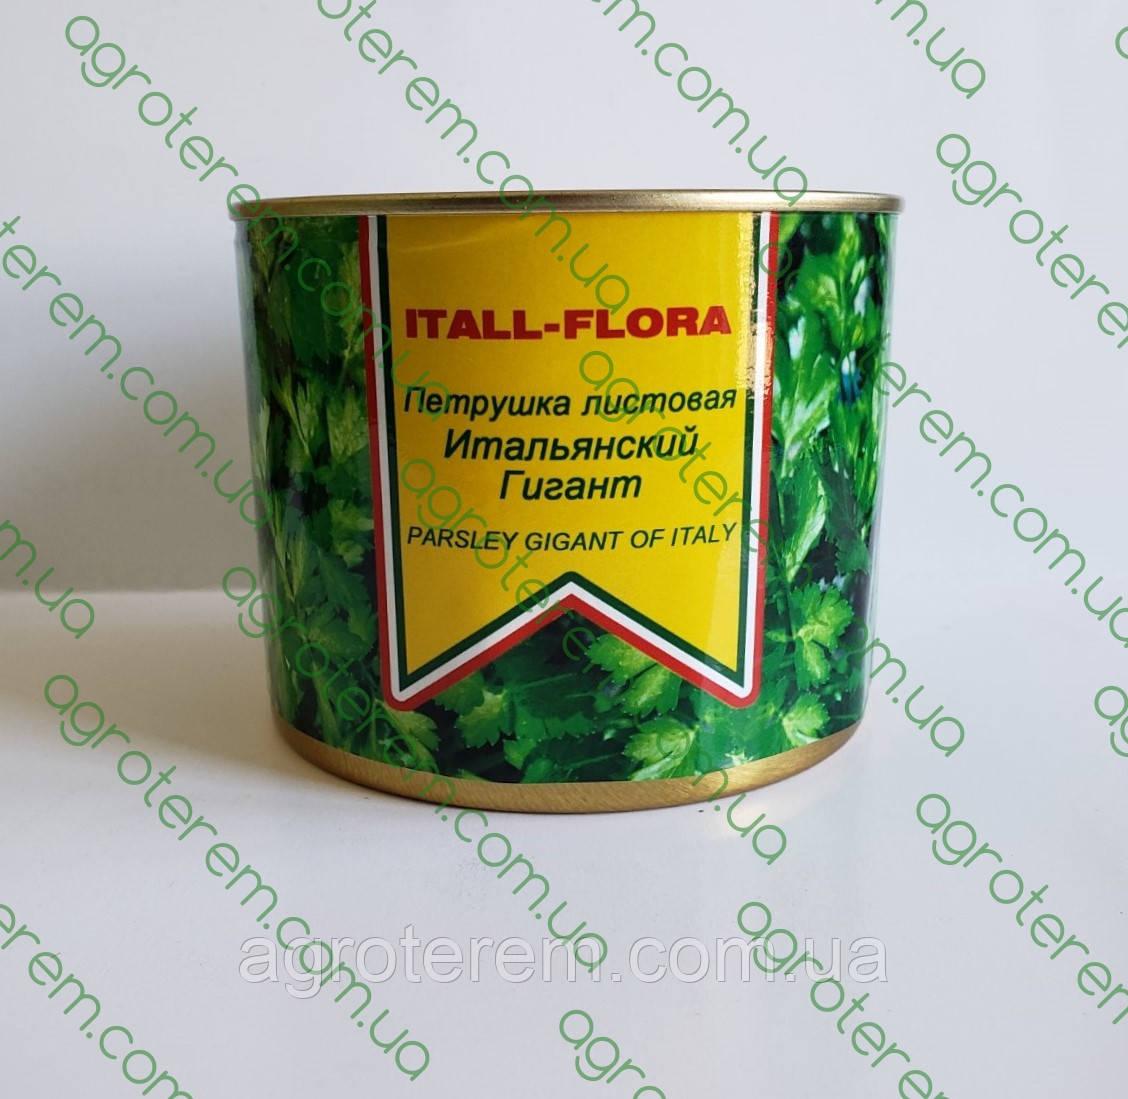 Петрушка листовая  Итальянский Гигант 250 г  (Itall-Flora)